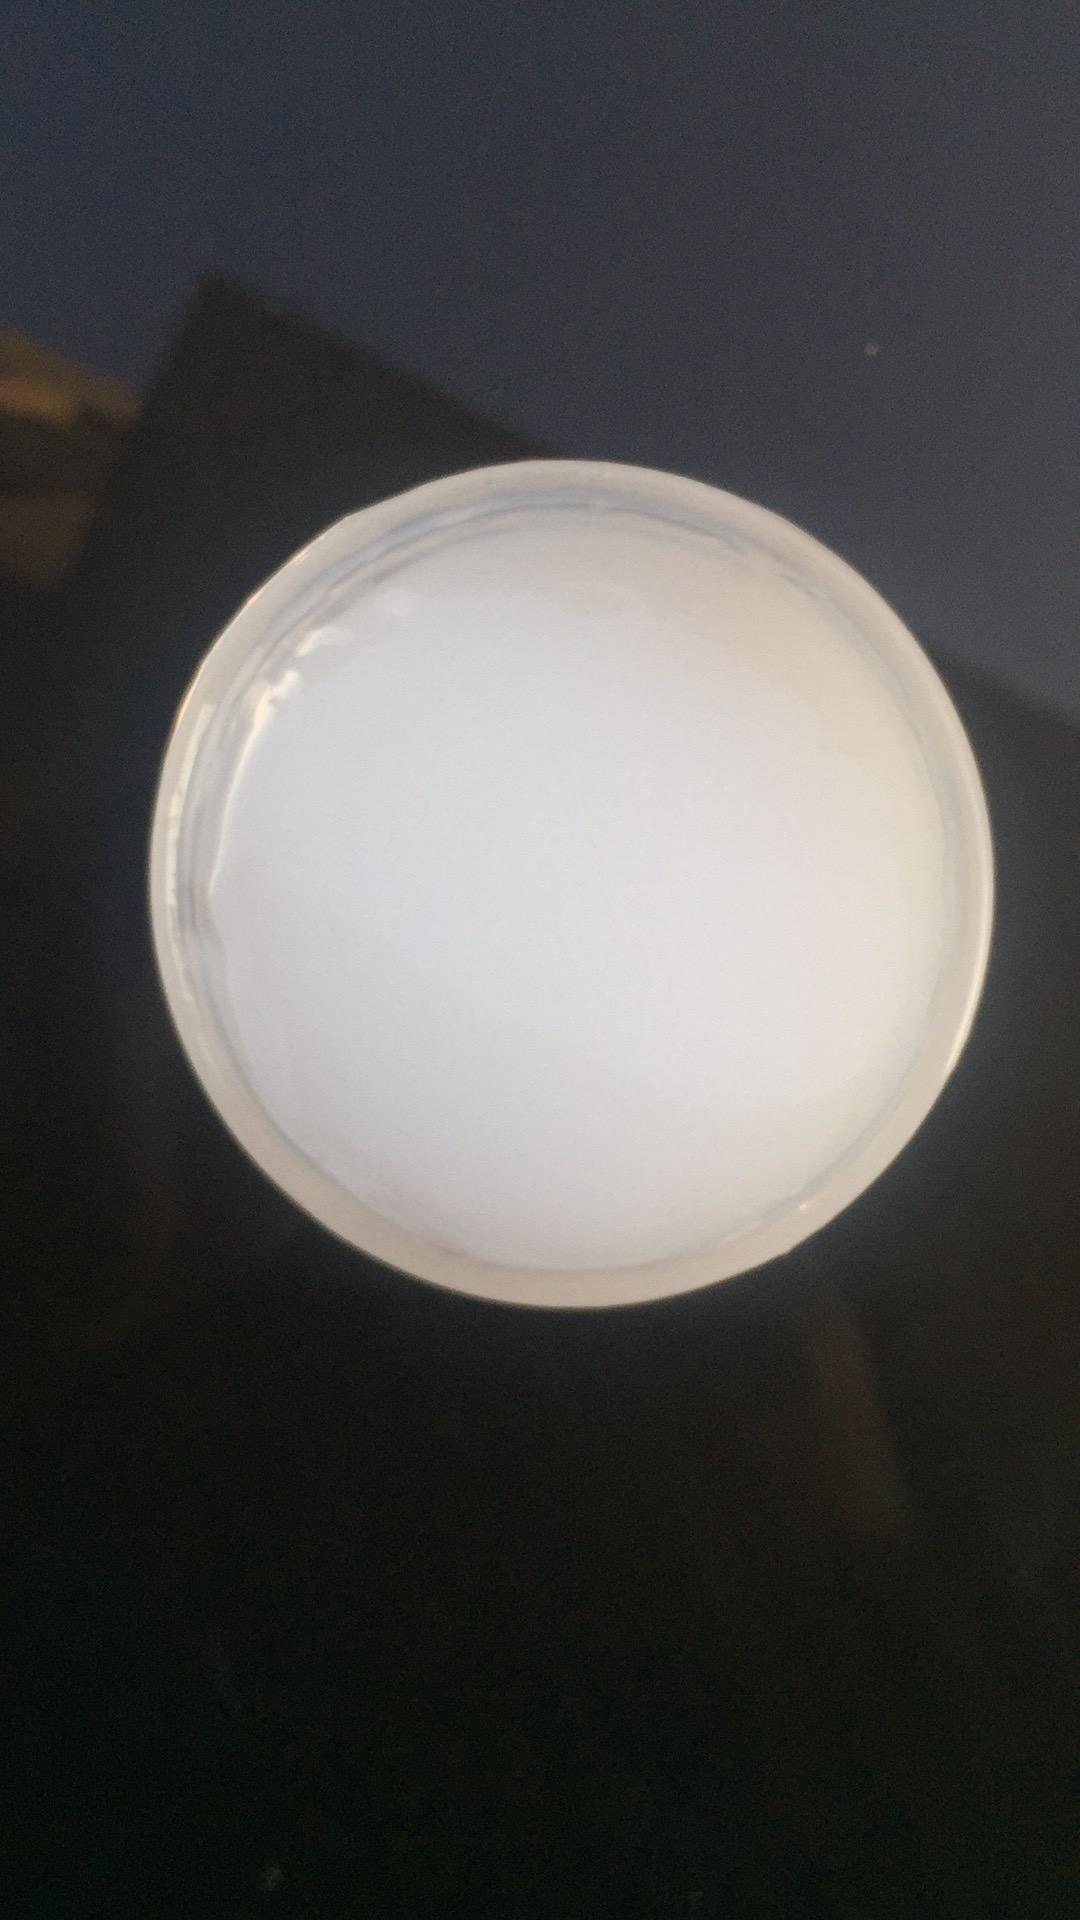 陶瓷阀芯脂 PILOCHEM 2403PG